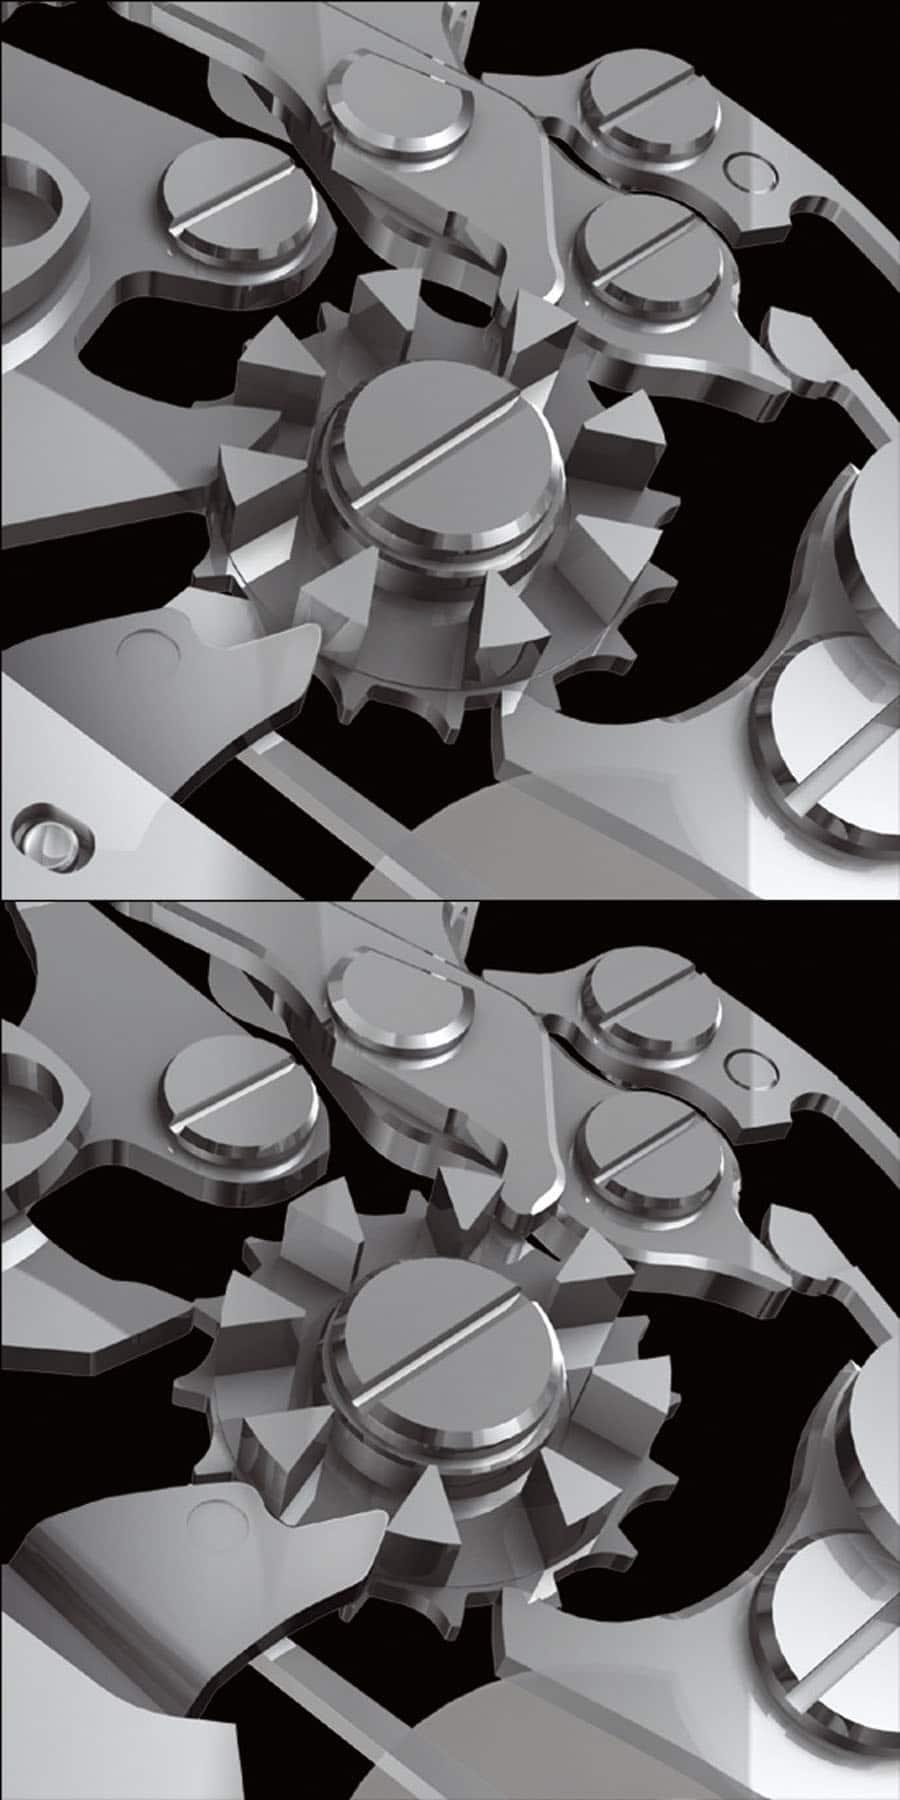 Das Schaltrad sorgt nach Betätigung der Drücker für maximale Stabilität und Präzision